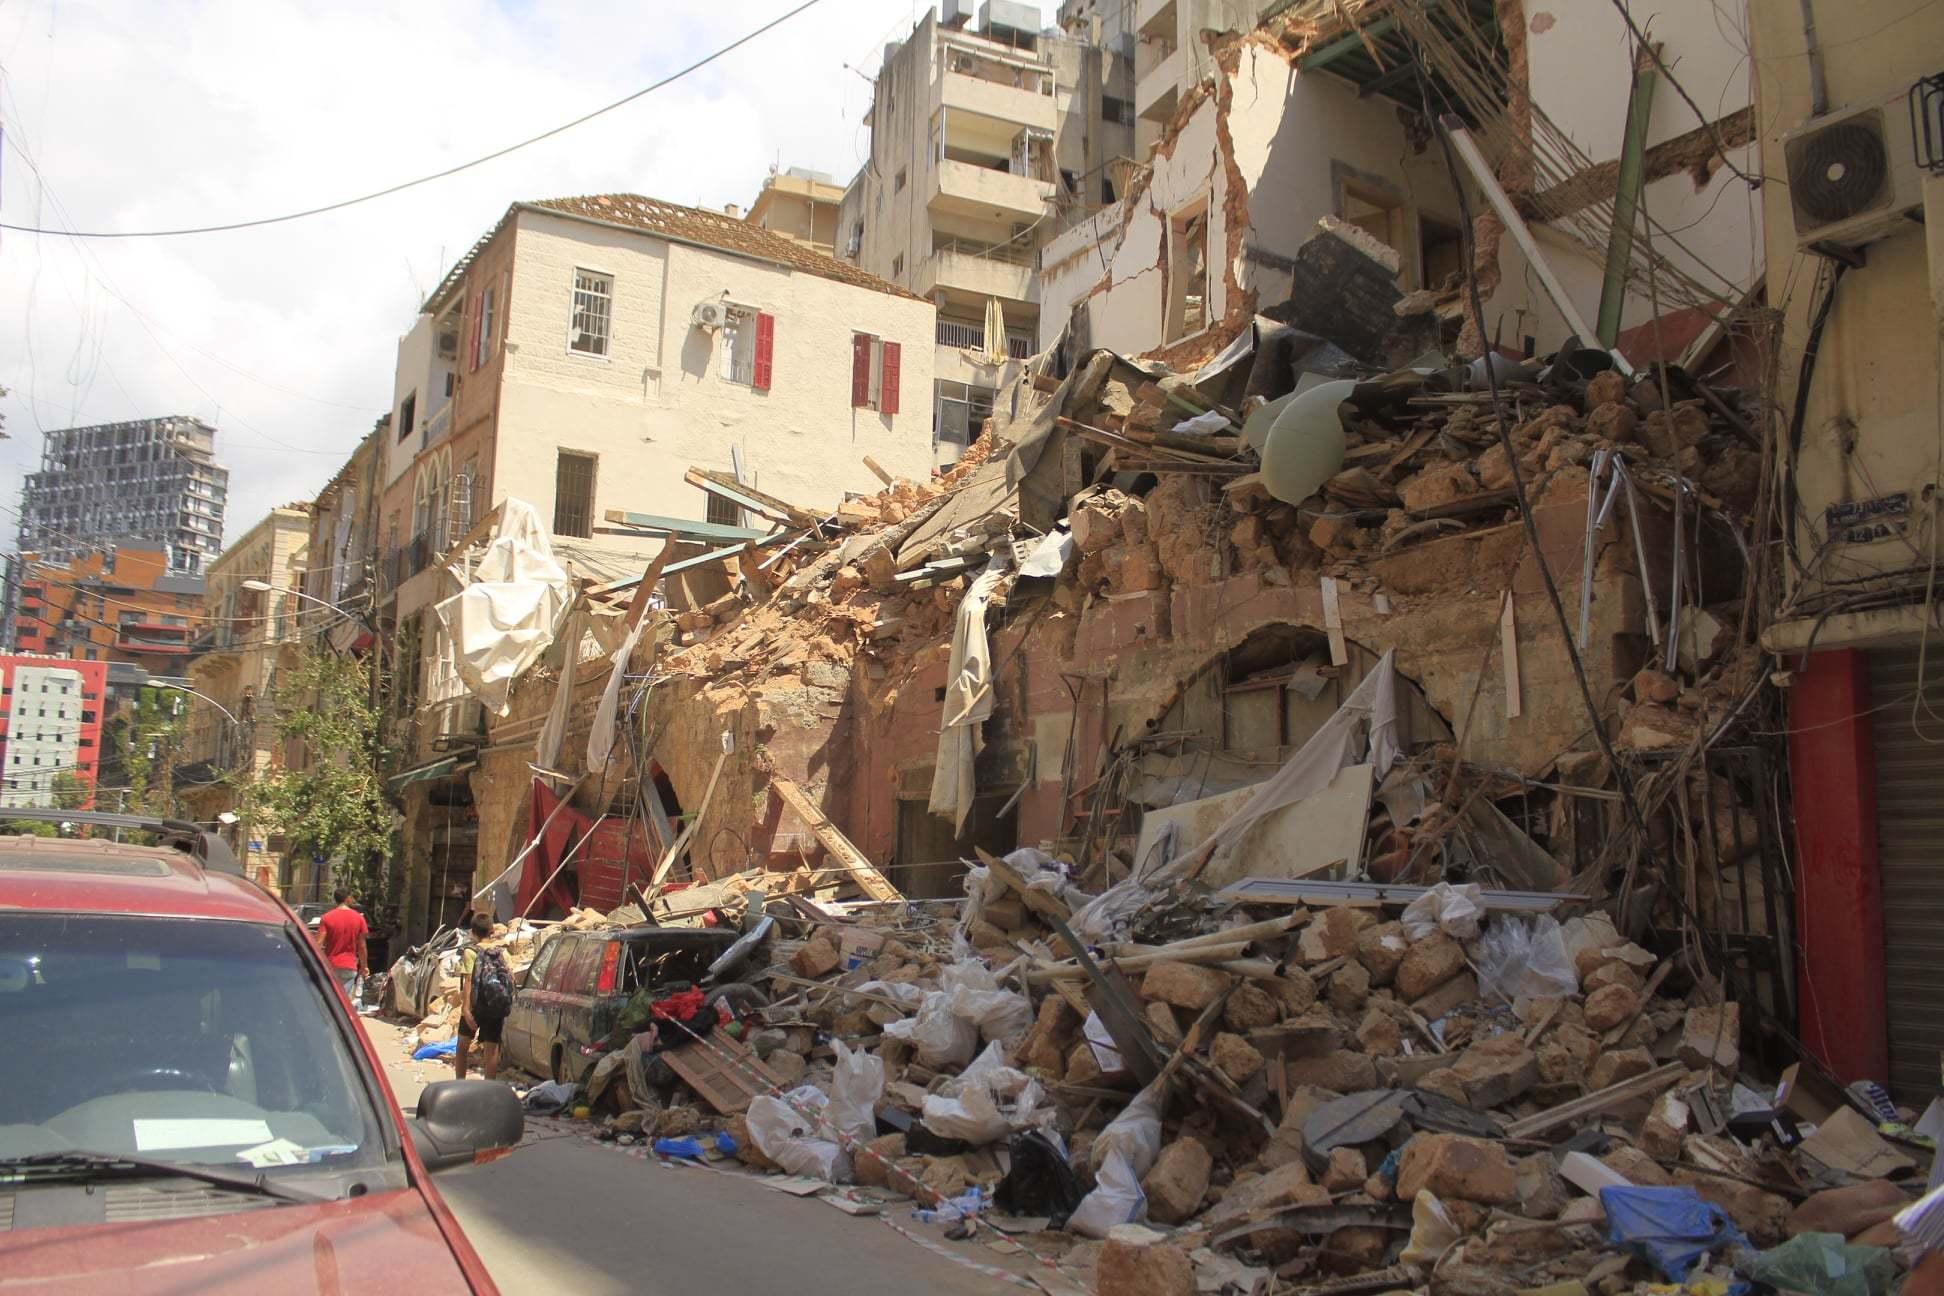 Beirut aug 11 a